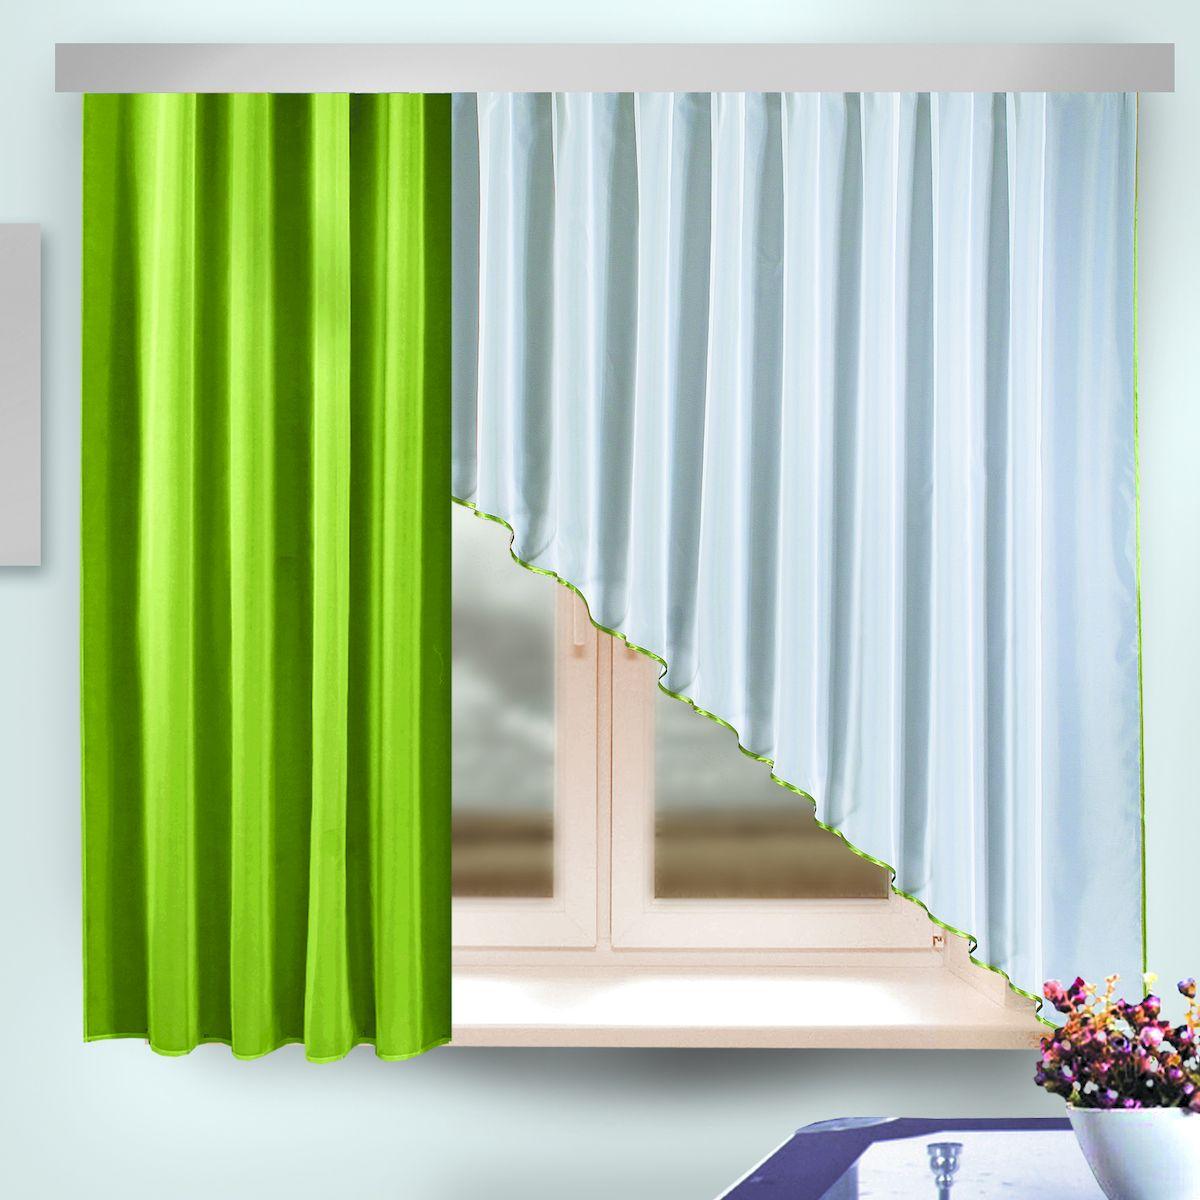 Комплект штор Zlata Korunka, на ленте, цвет: зеленый, белый, высота 170 см. 333314333314Комплект штор Zlata Korunka, выполненный из полиэстера, великолепно украсит любое окно. Комплект состоит из шторы и ламбрекена. Изящная форма и приятная цветовая гамма привлекут к себе внимание и органично впишутся в интерьер помещения. Этот комплект будет долгое время радовать вас и вашу семью!Комплект крепится на карниз при помощи ленты, которая поможет красиво и равномерно задрапировать верх.В комплект входит: Ламбрекен: 1 шт. Размер (Ш х В): 95 см х 170 см. Штора: 1 шт. Размер (Ш х В): 290 см х 170 см.